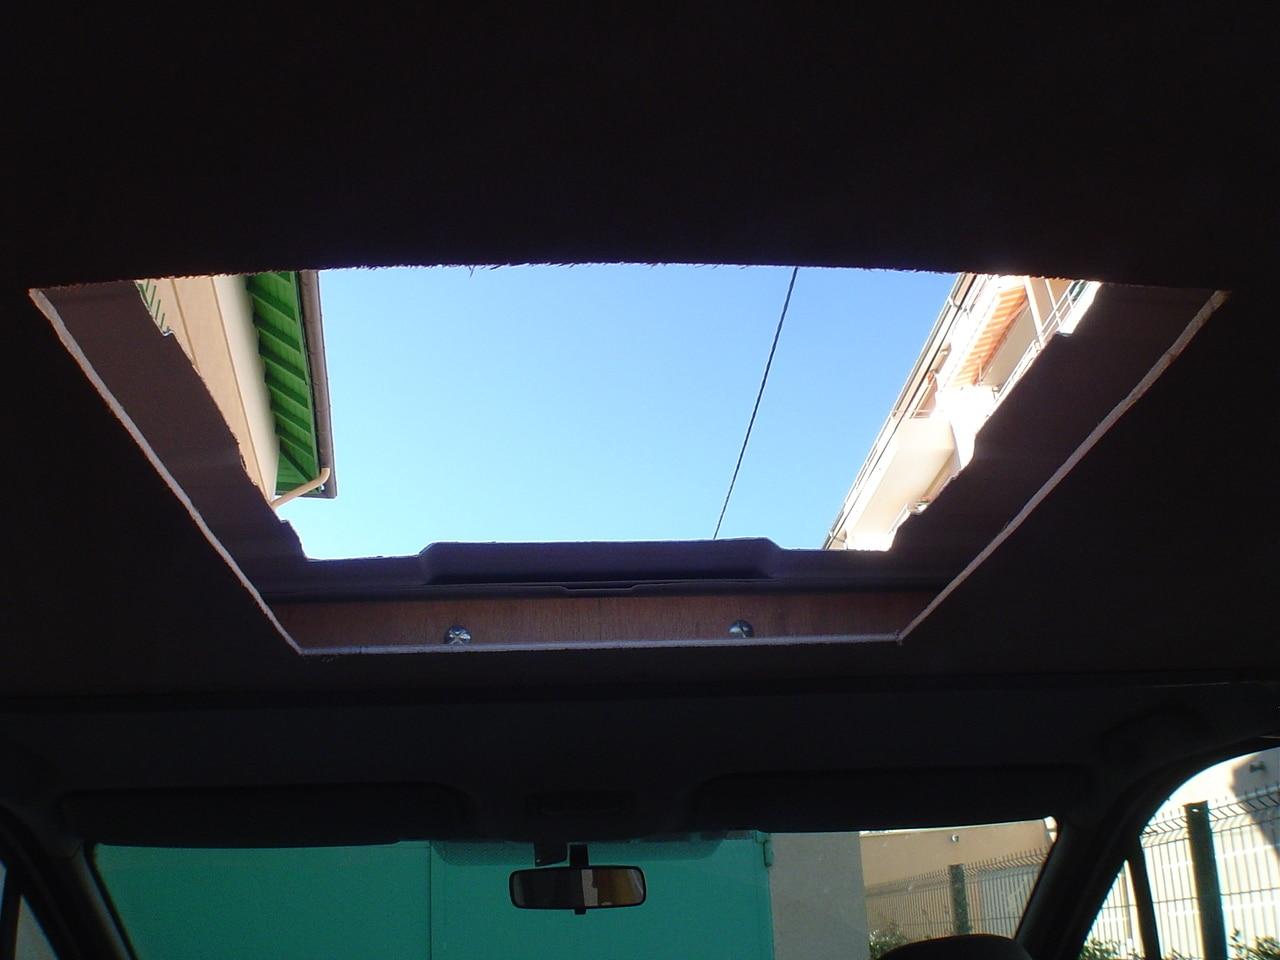 installer un lanterneau ou un toit ouvrant